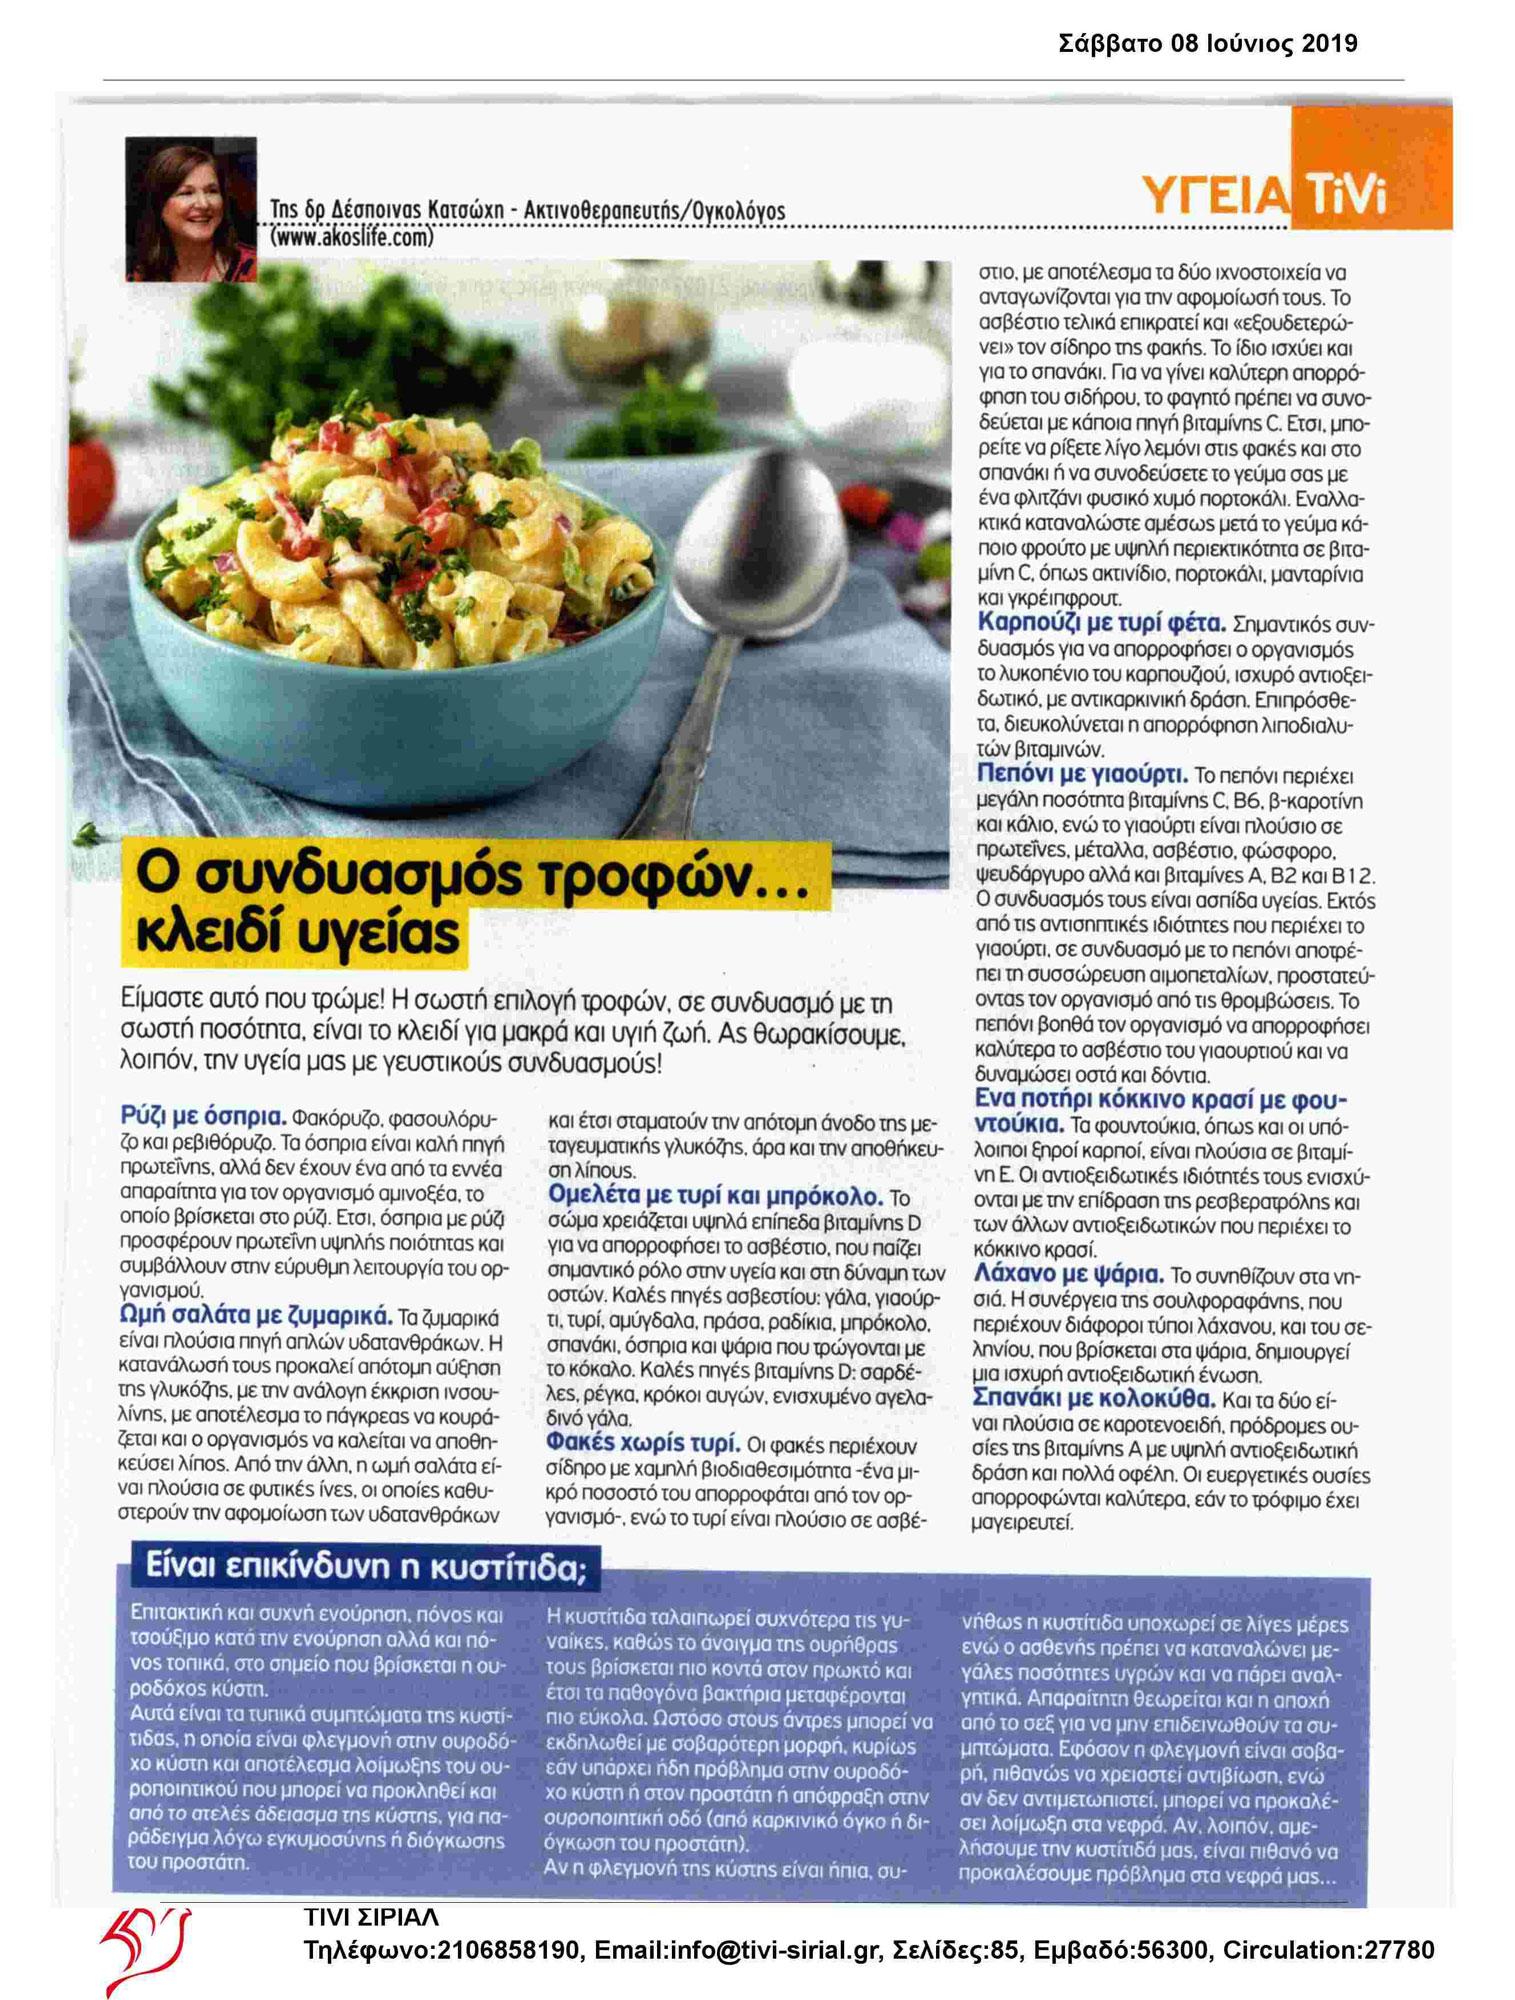 Ο συνδυασμός τροφών...κλειδί υγείας